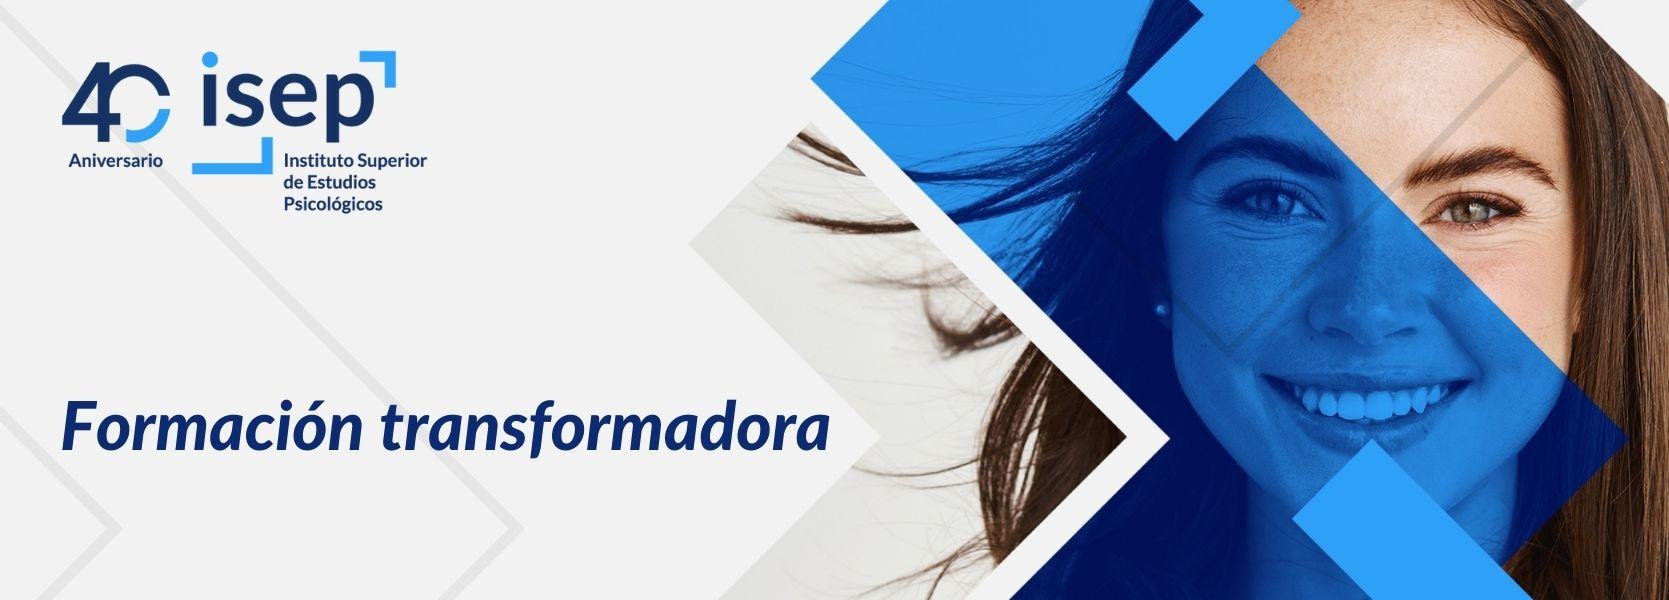 ISEP-Instituto Superior de Estudios Psicológicos